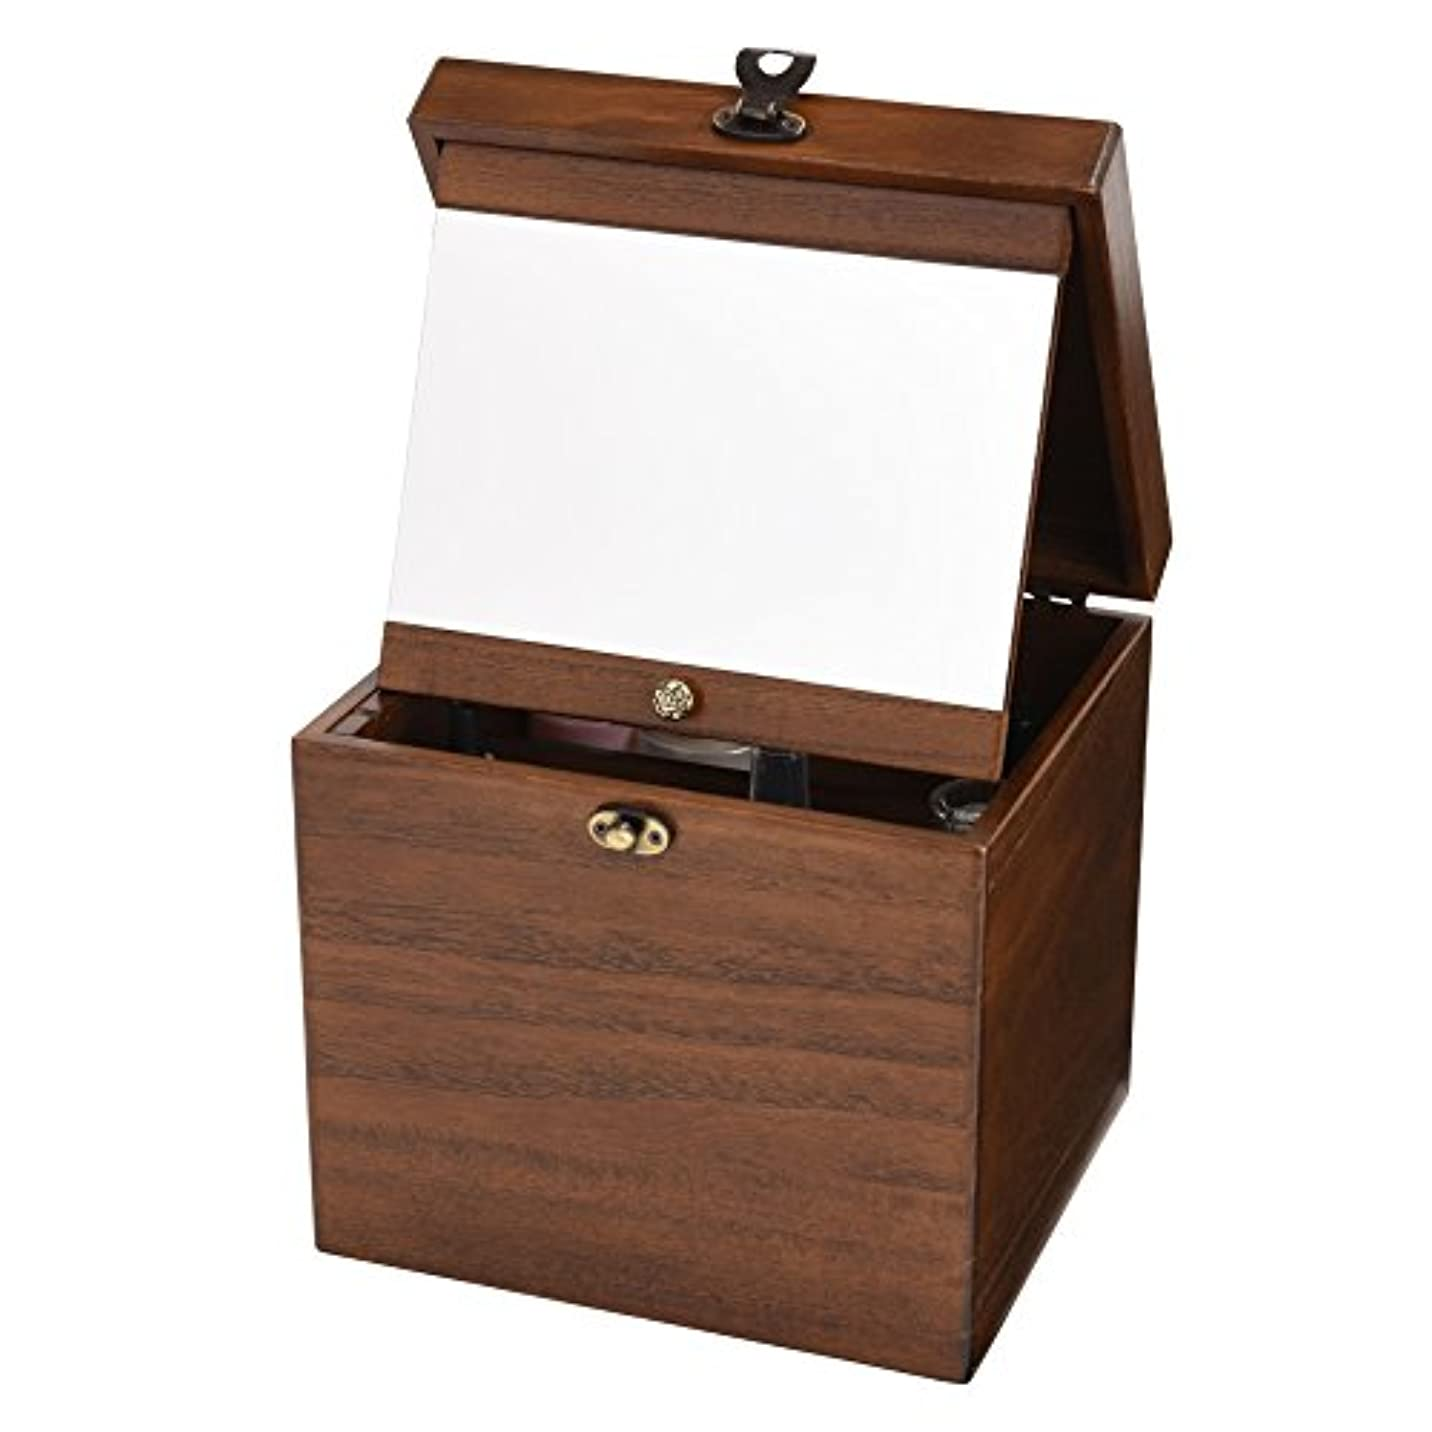 細い肉腫平日木製コスメボックス 収納 鏡付き 持ち運び 化粧ボックス メイクボックス 日本製